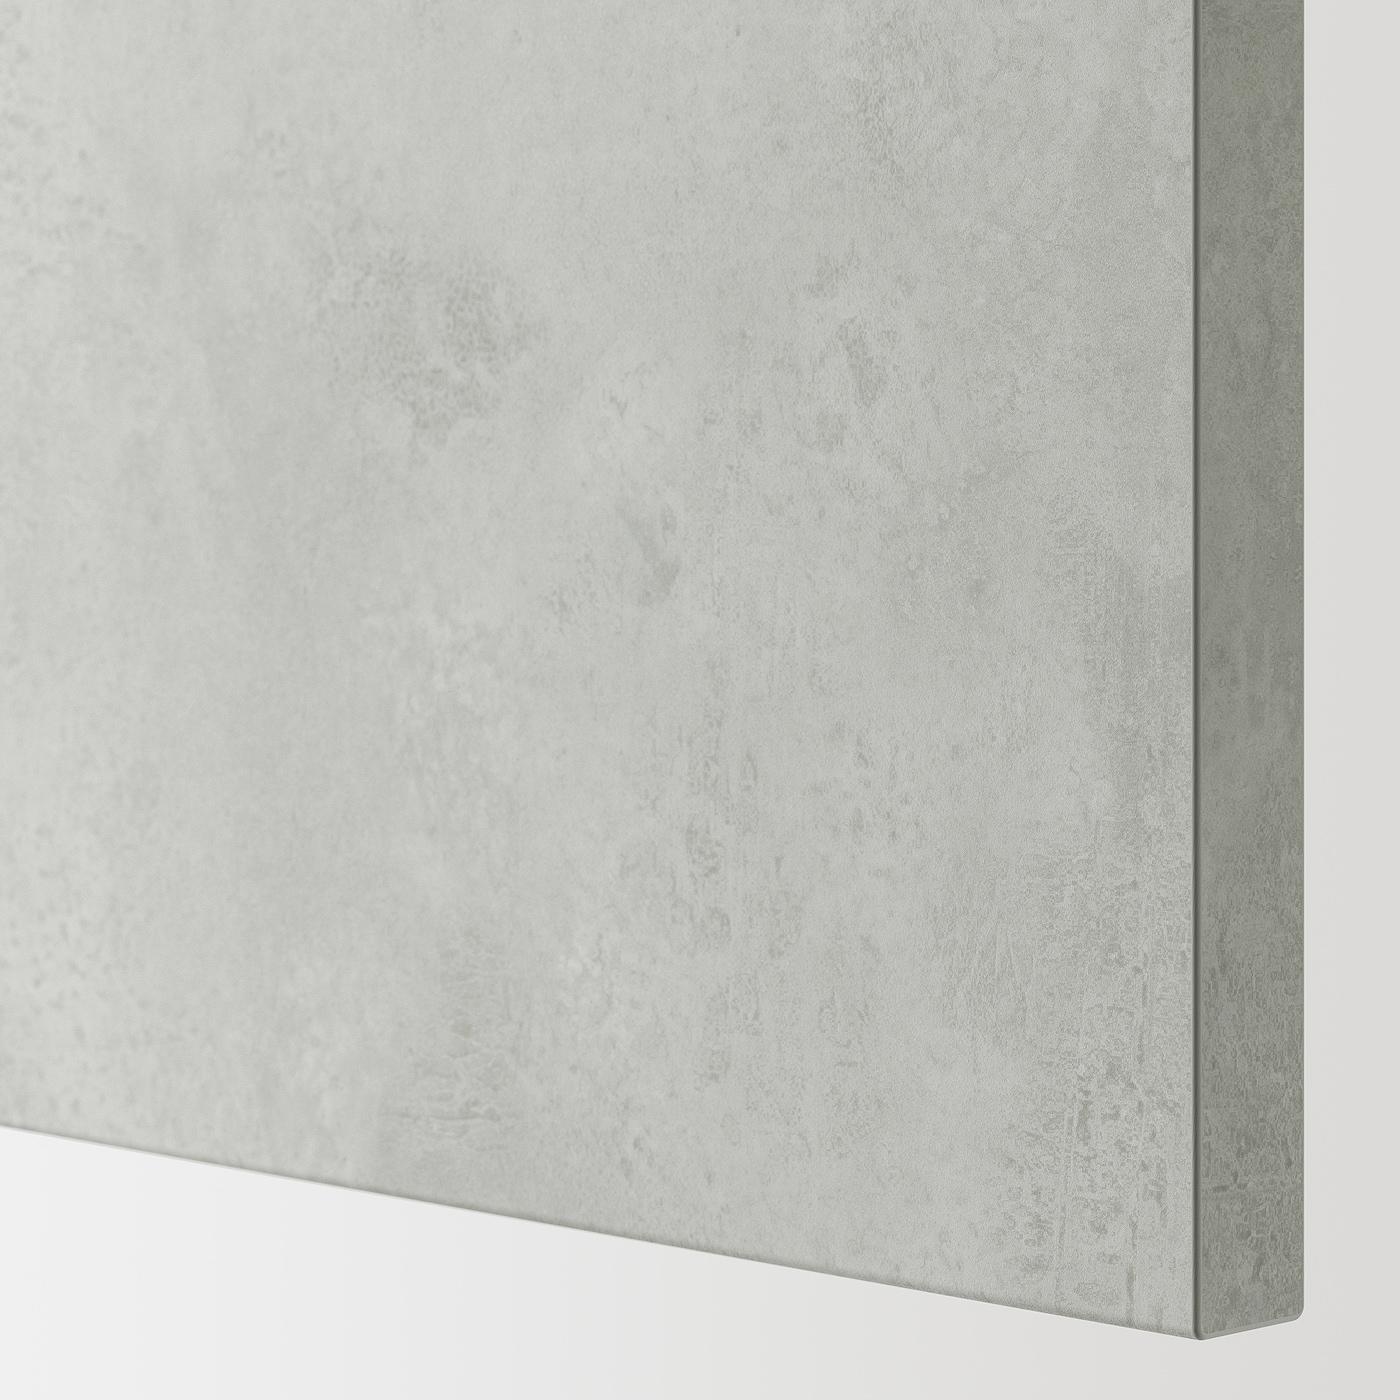 ENHET Drawer front, concrete effect, 80x30 cm